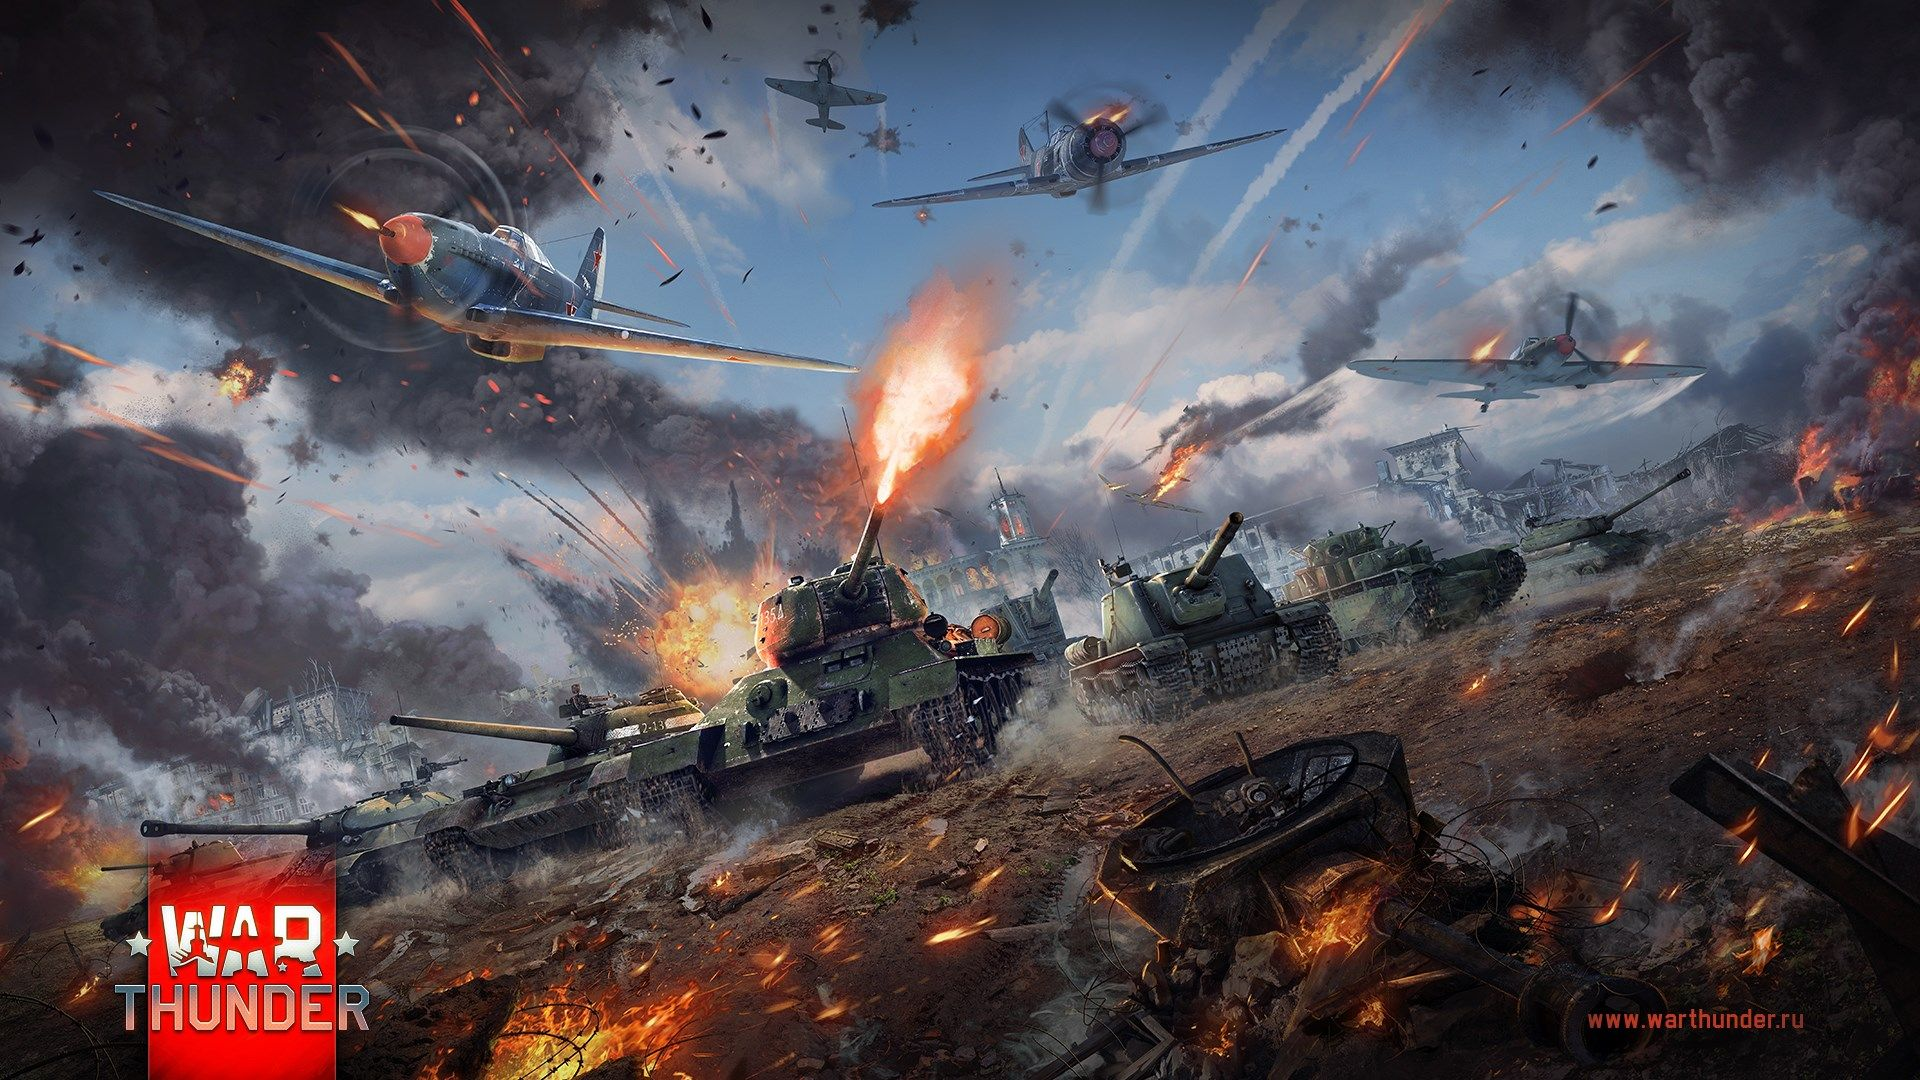 1920x1080 War Thunder Game Wallpaper War Thunder Tank Wallpaper War